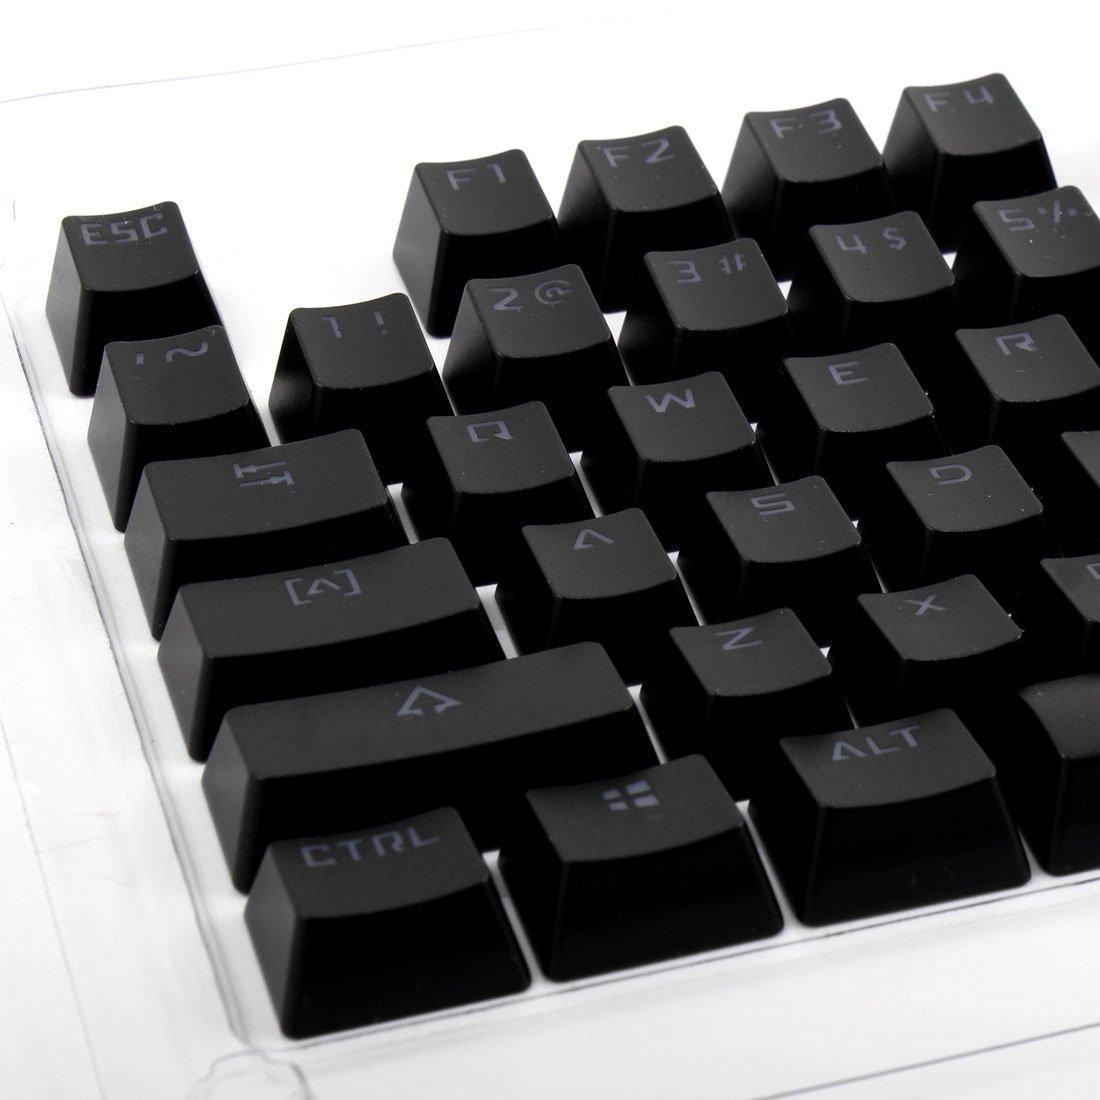 Amazon.com: DealMux PBT KeyCaps Capa protetora Preto 104 em 1 para mecânicos Gaming Teclados: Electronics